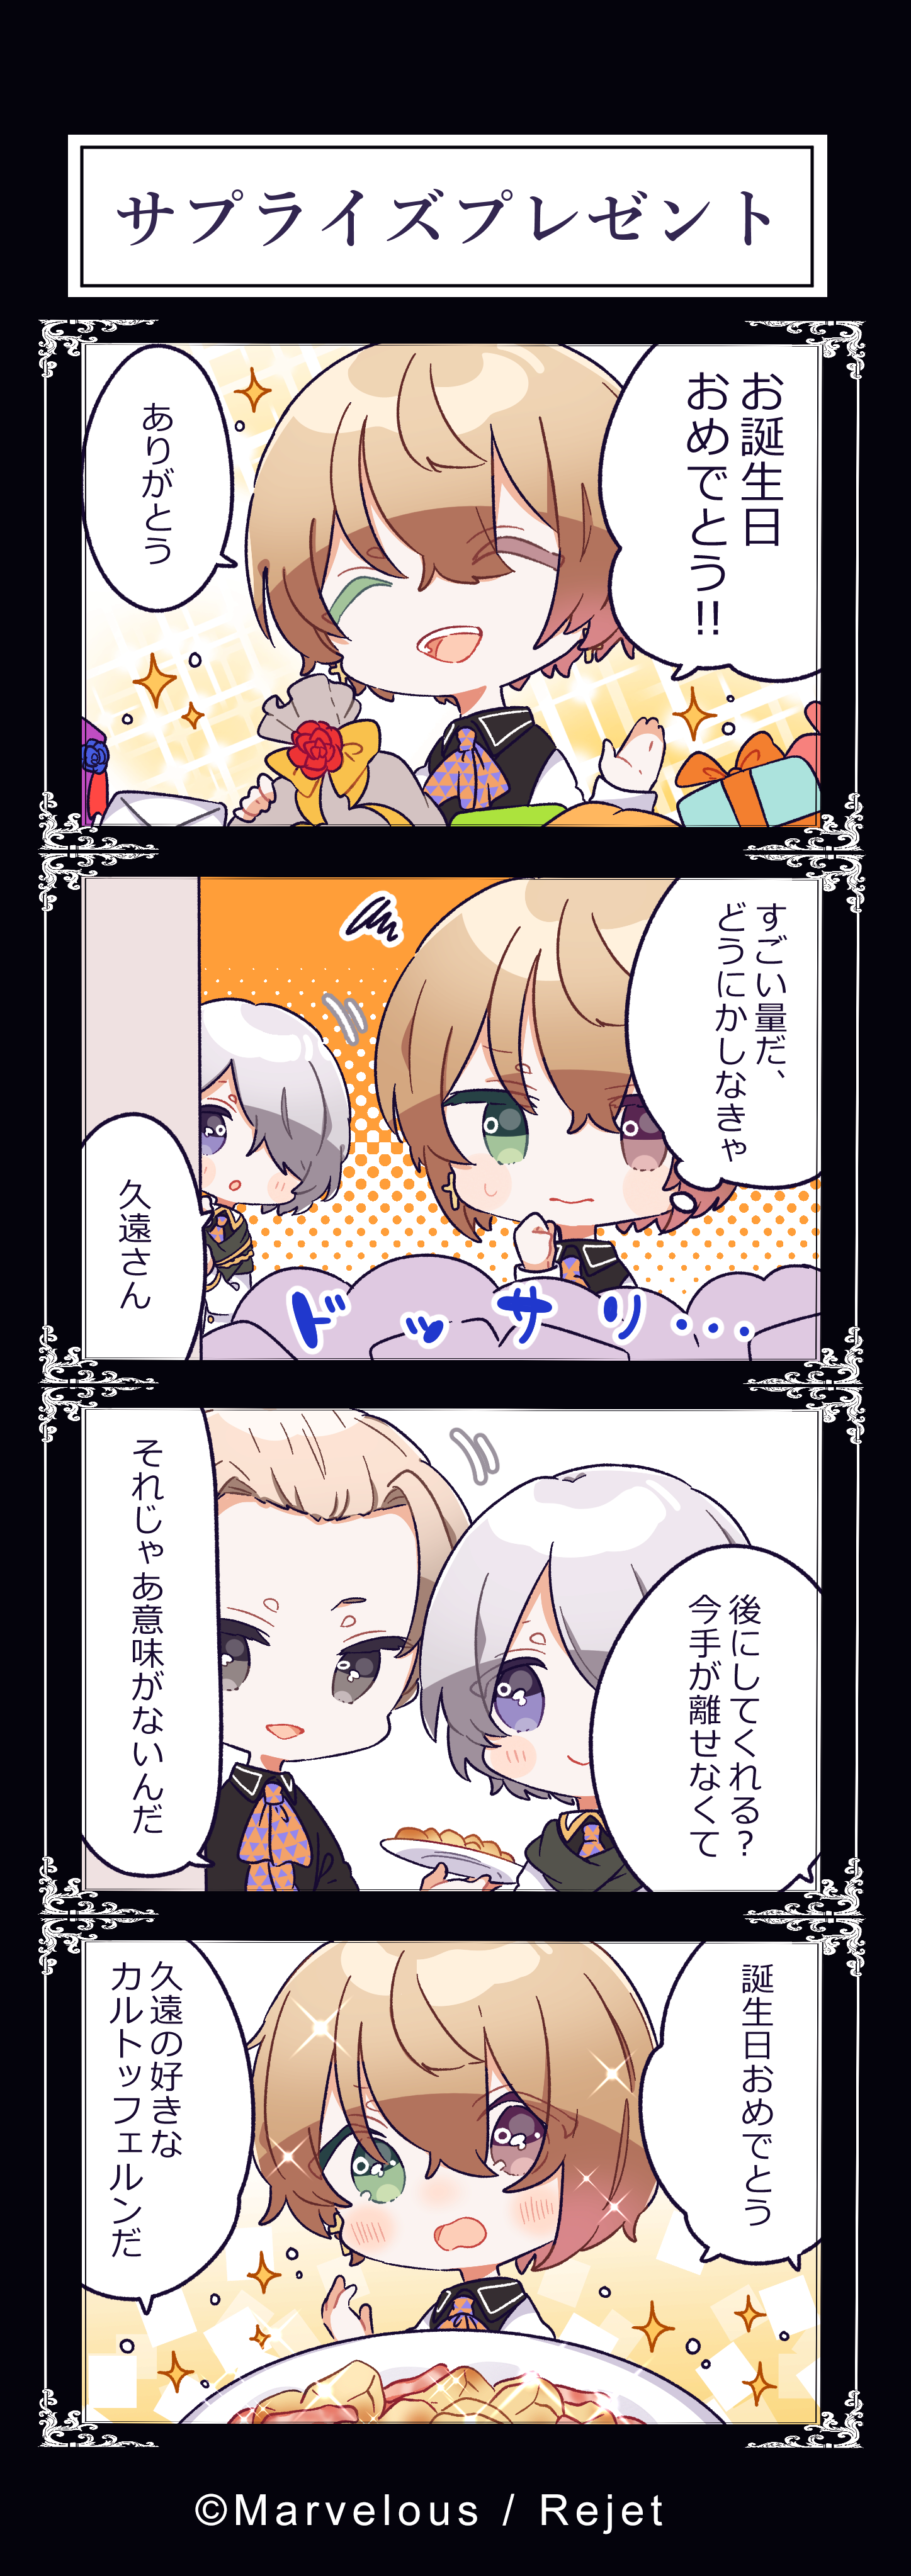 【4月投稿分】mawoko_FN4コマ1 (3).png